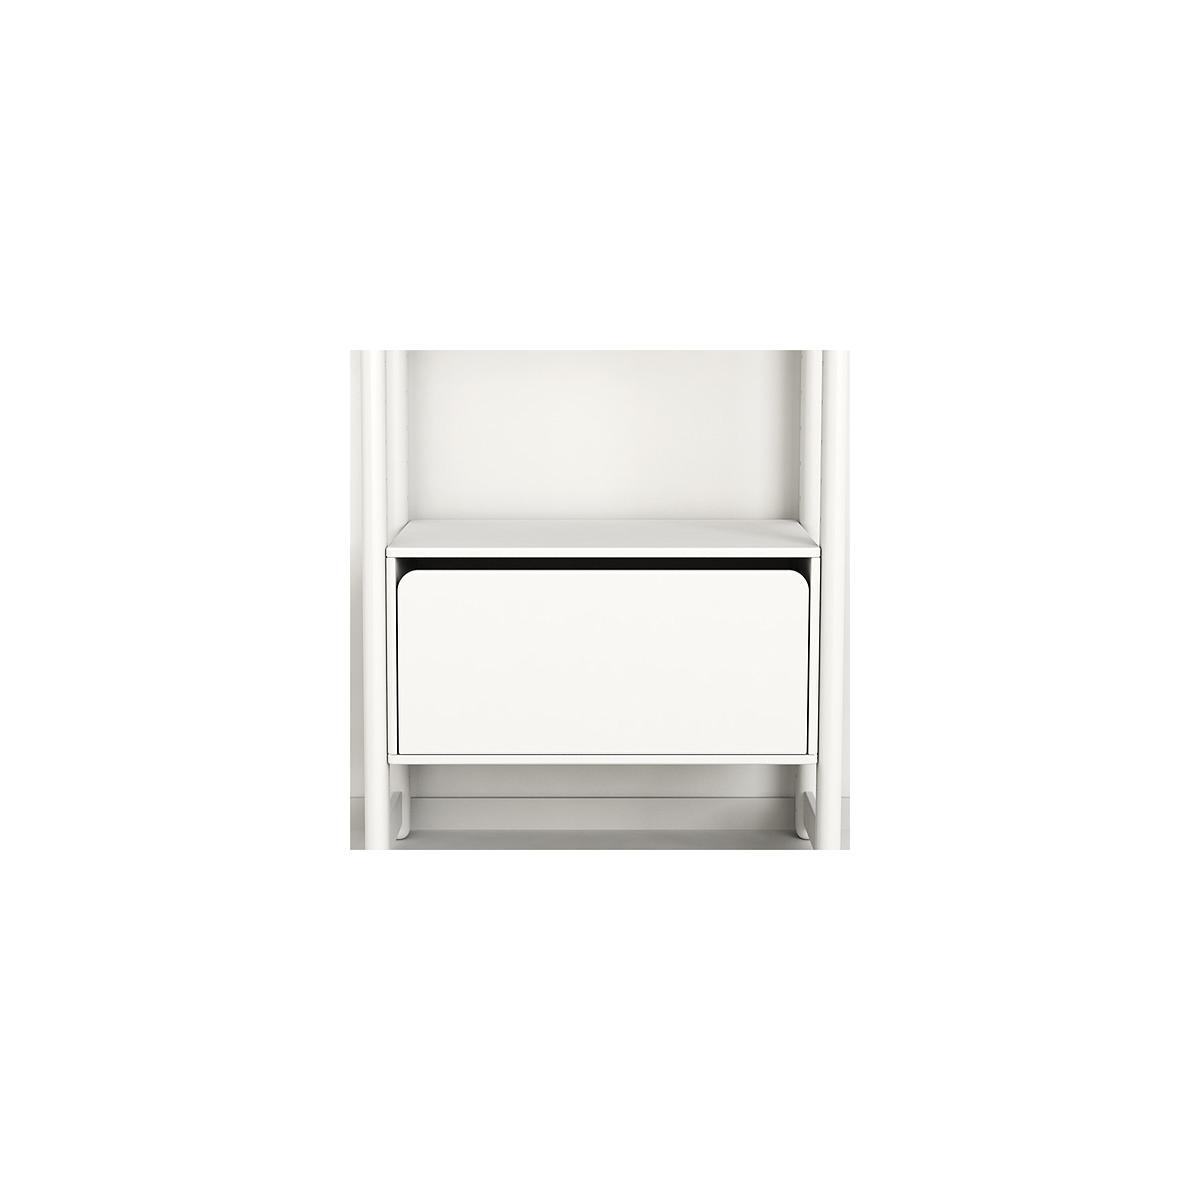 Midi B - Cajonera 131 cm SHELFIE Flexa blanco